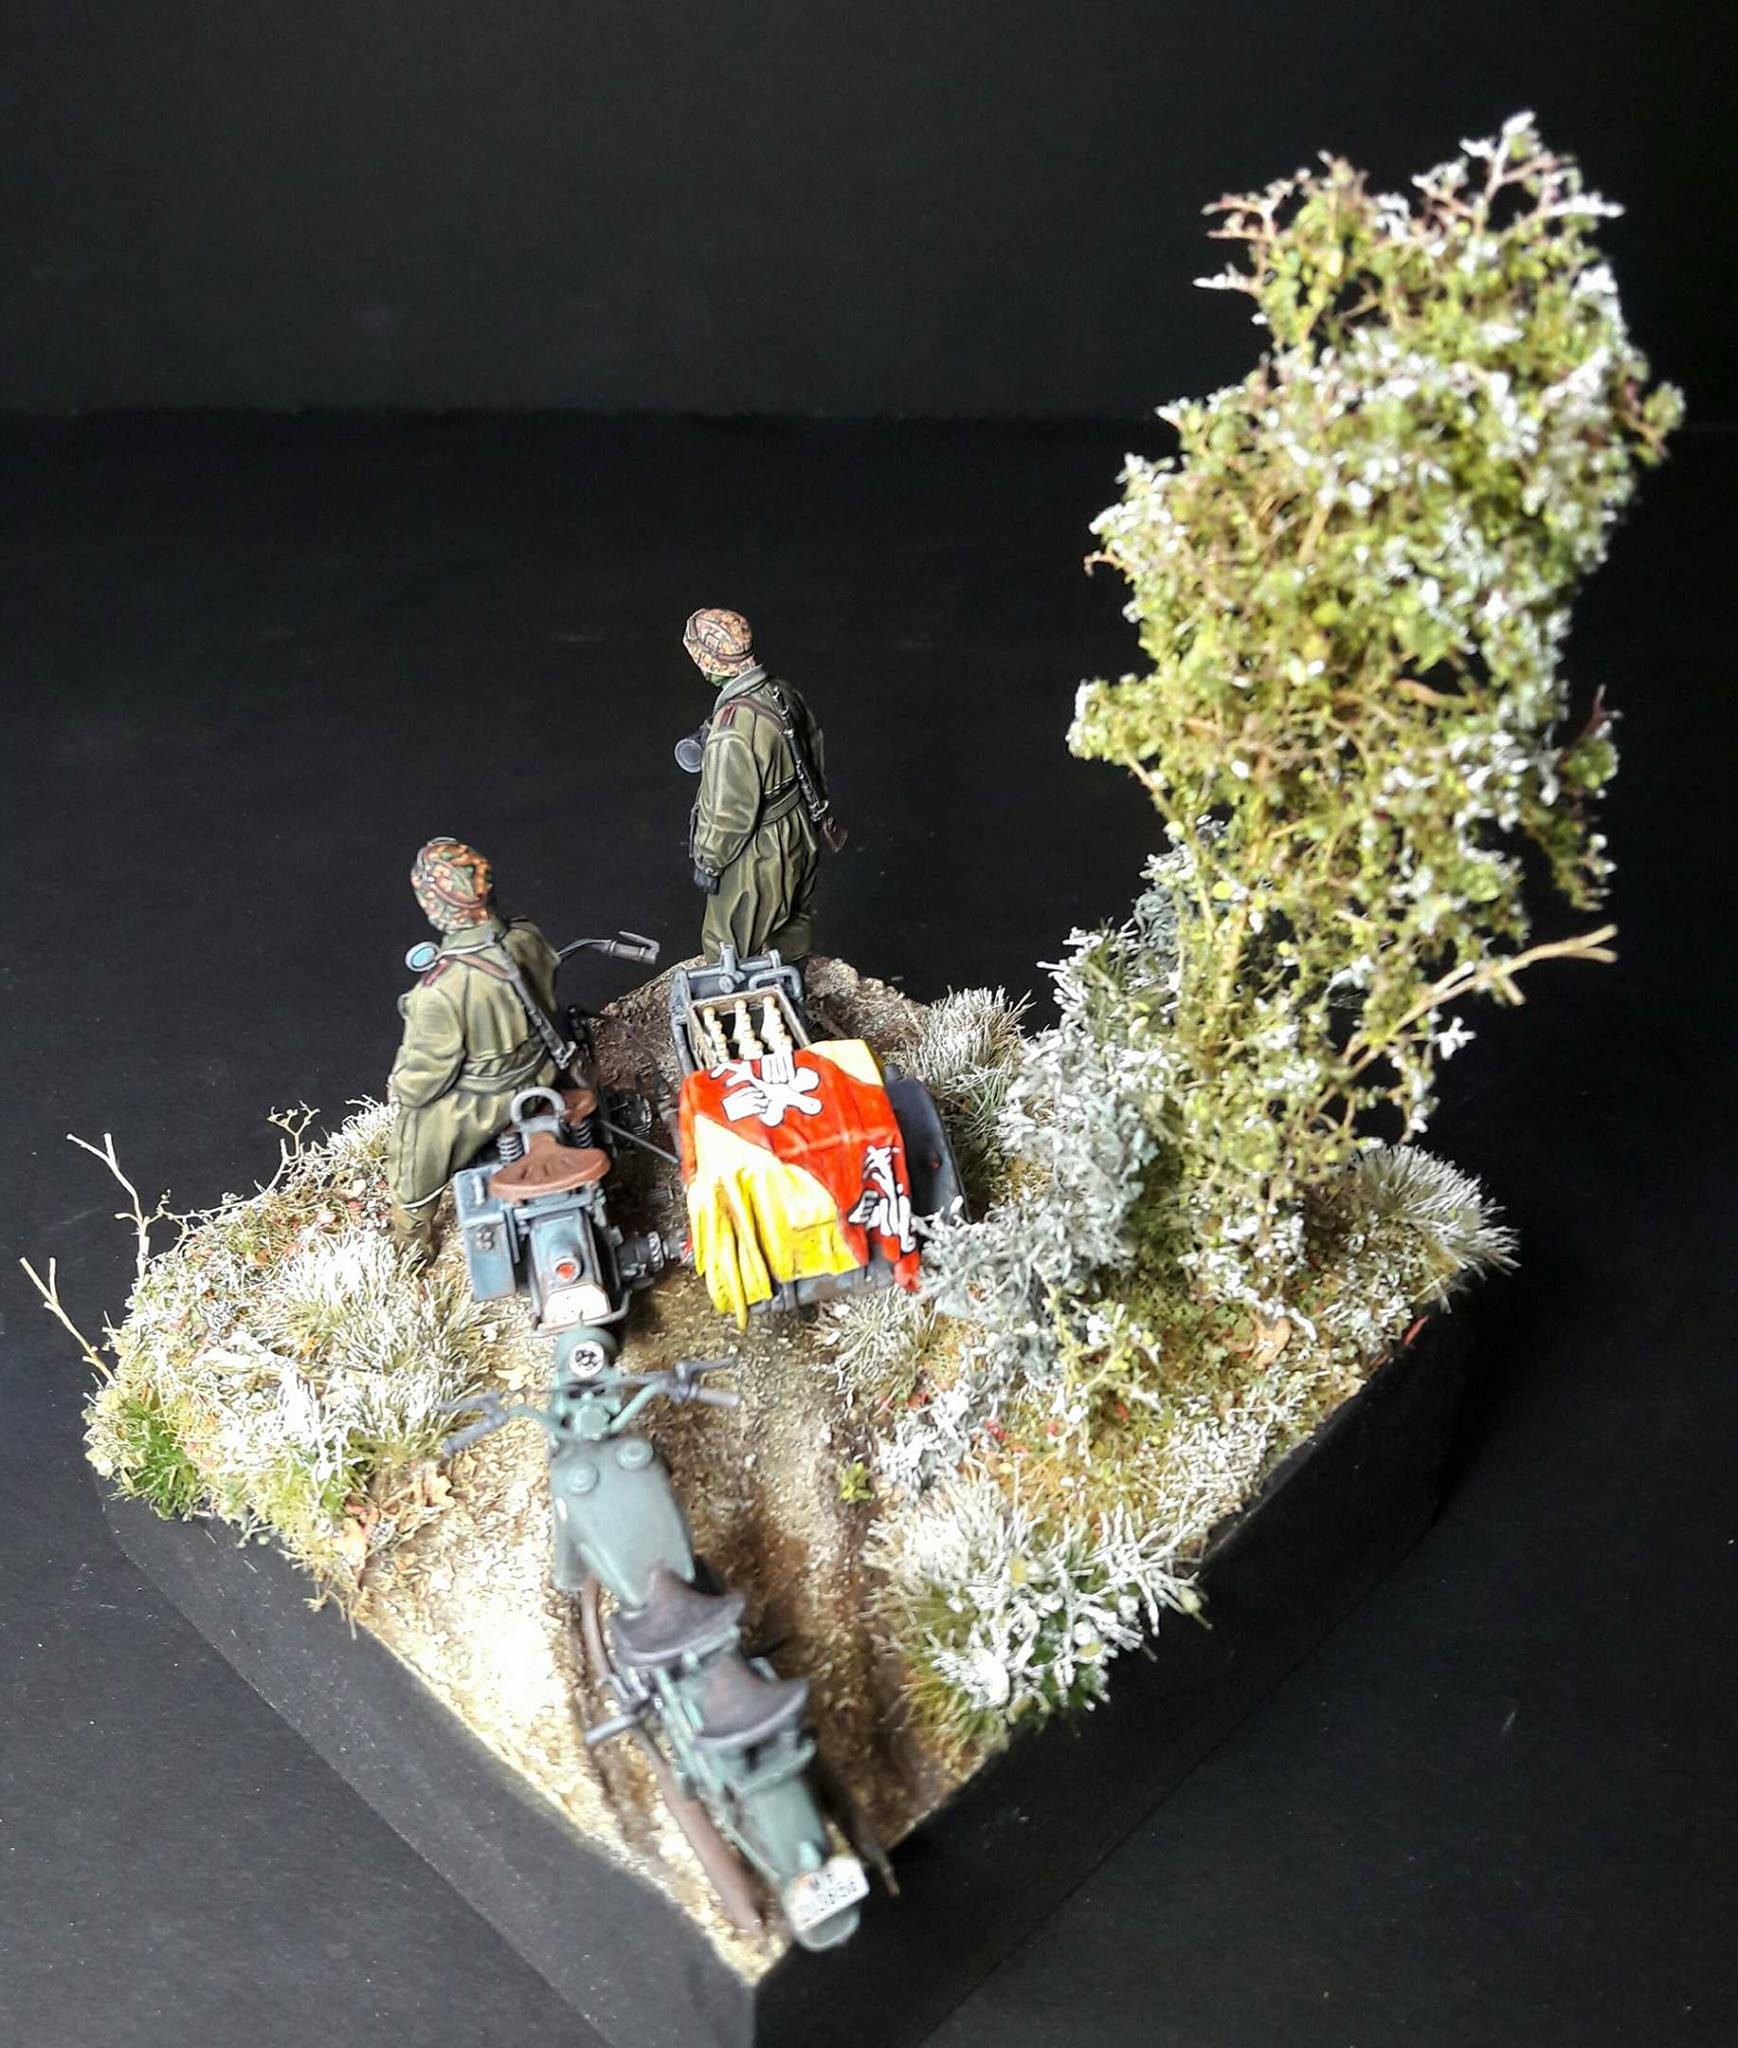 Zündapp KS750 - Sidecar - Great Wall Hobby + figurines Alpine - 1/35 - Page 5 9620762013359610211805849676227754161209o